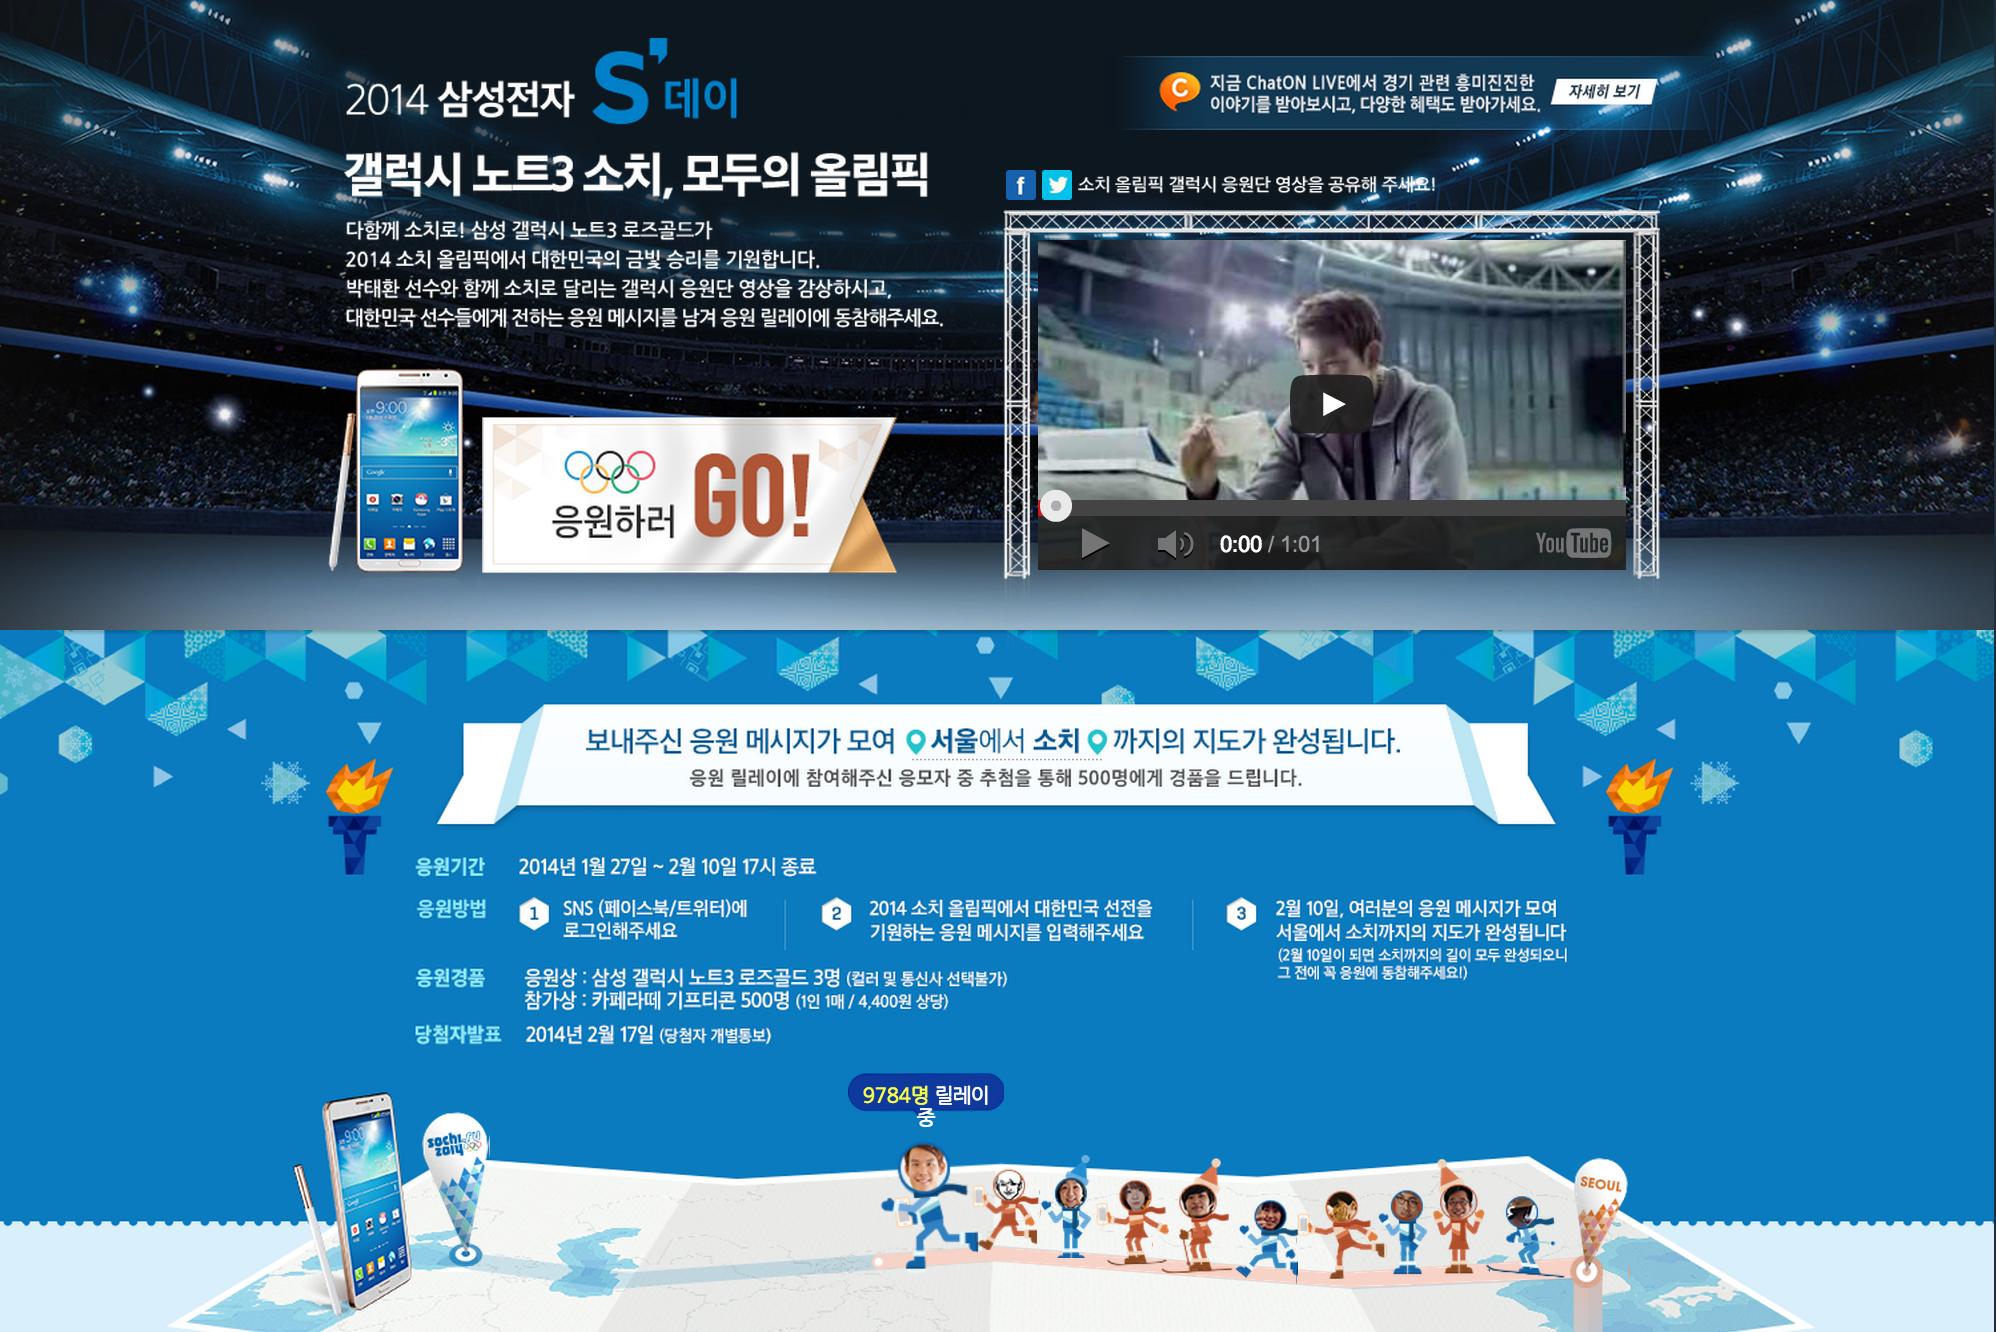 삼성전자, 소치 동계올림픽, 갤럭시 노트3, Galaxy Note 3, 갤럭시 노트3 올림픽을 노트하다, 온라인 캠페인, 모두의 올림픽, 이상화, 김연아, 쇼트트랙, Sochi Olympic, 올림픽, 박태환, 갤럭시 응원단